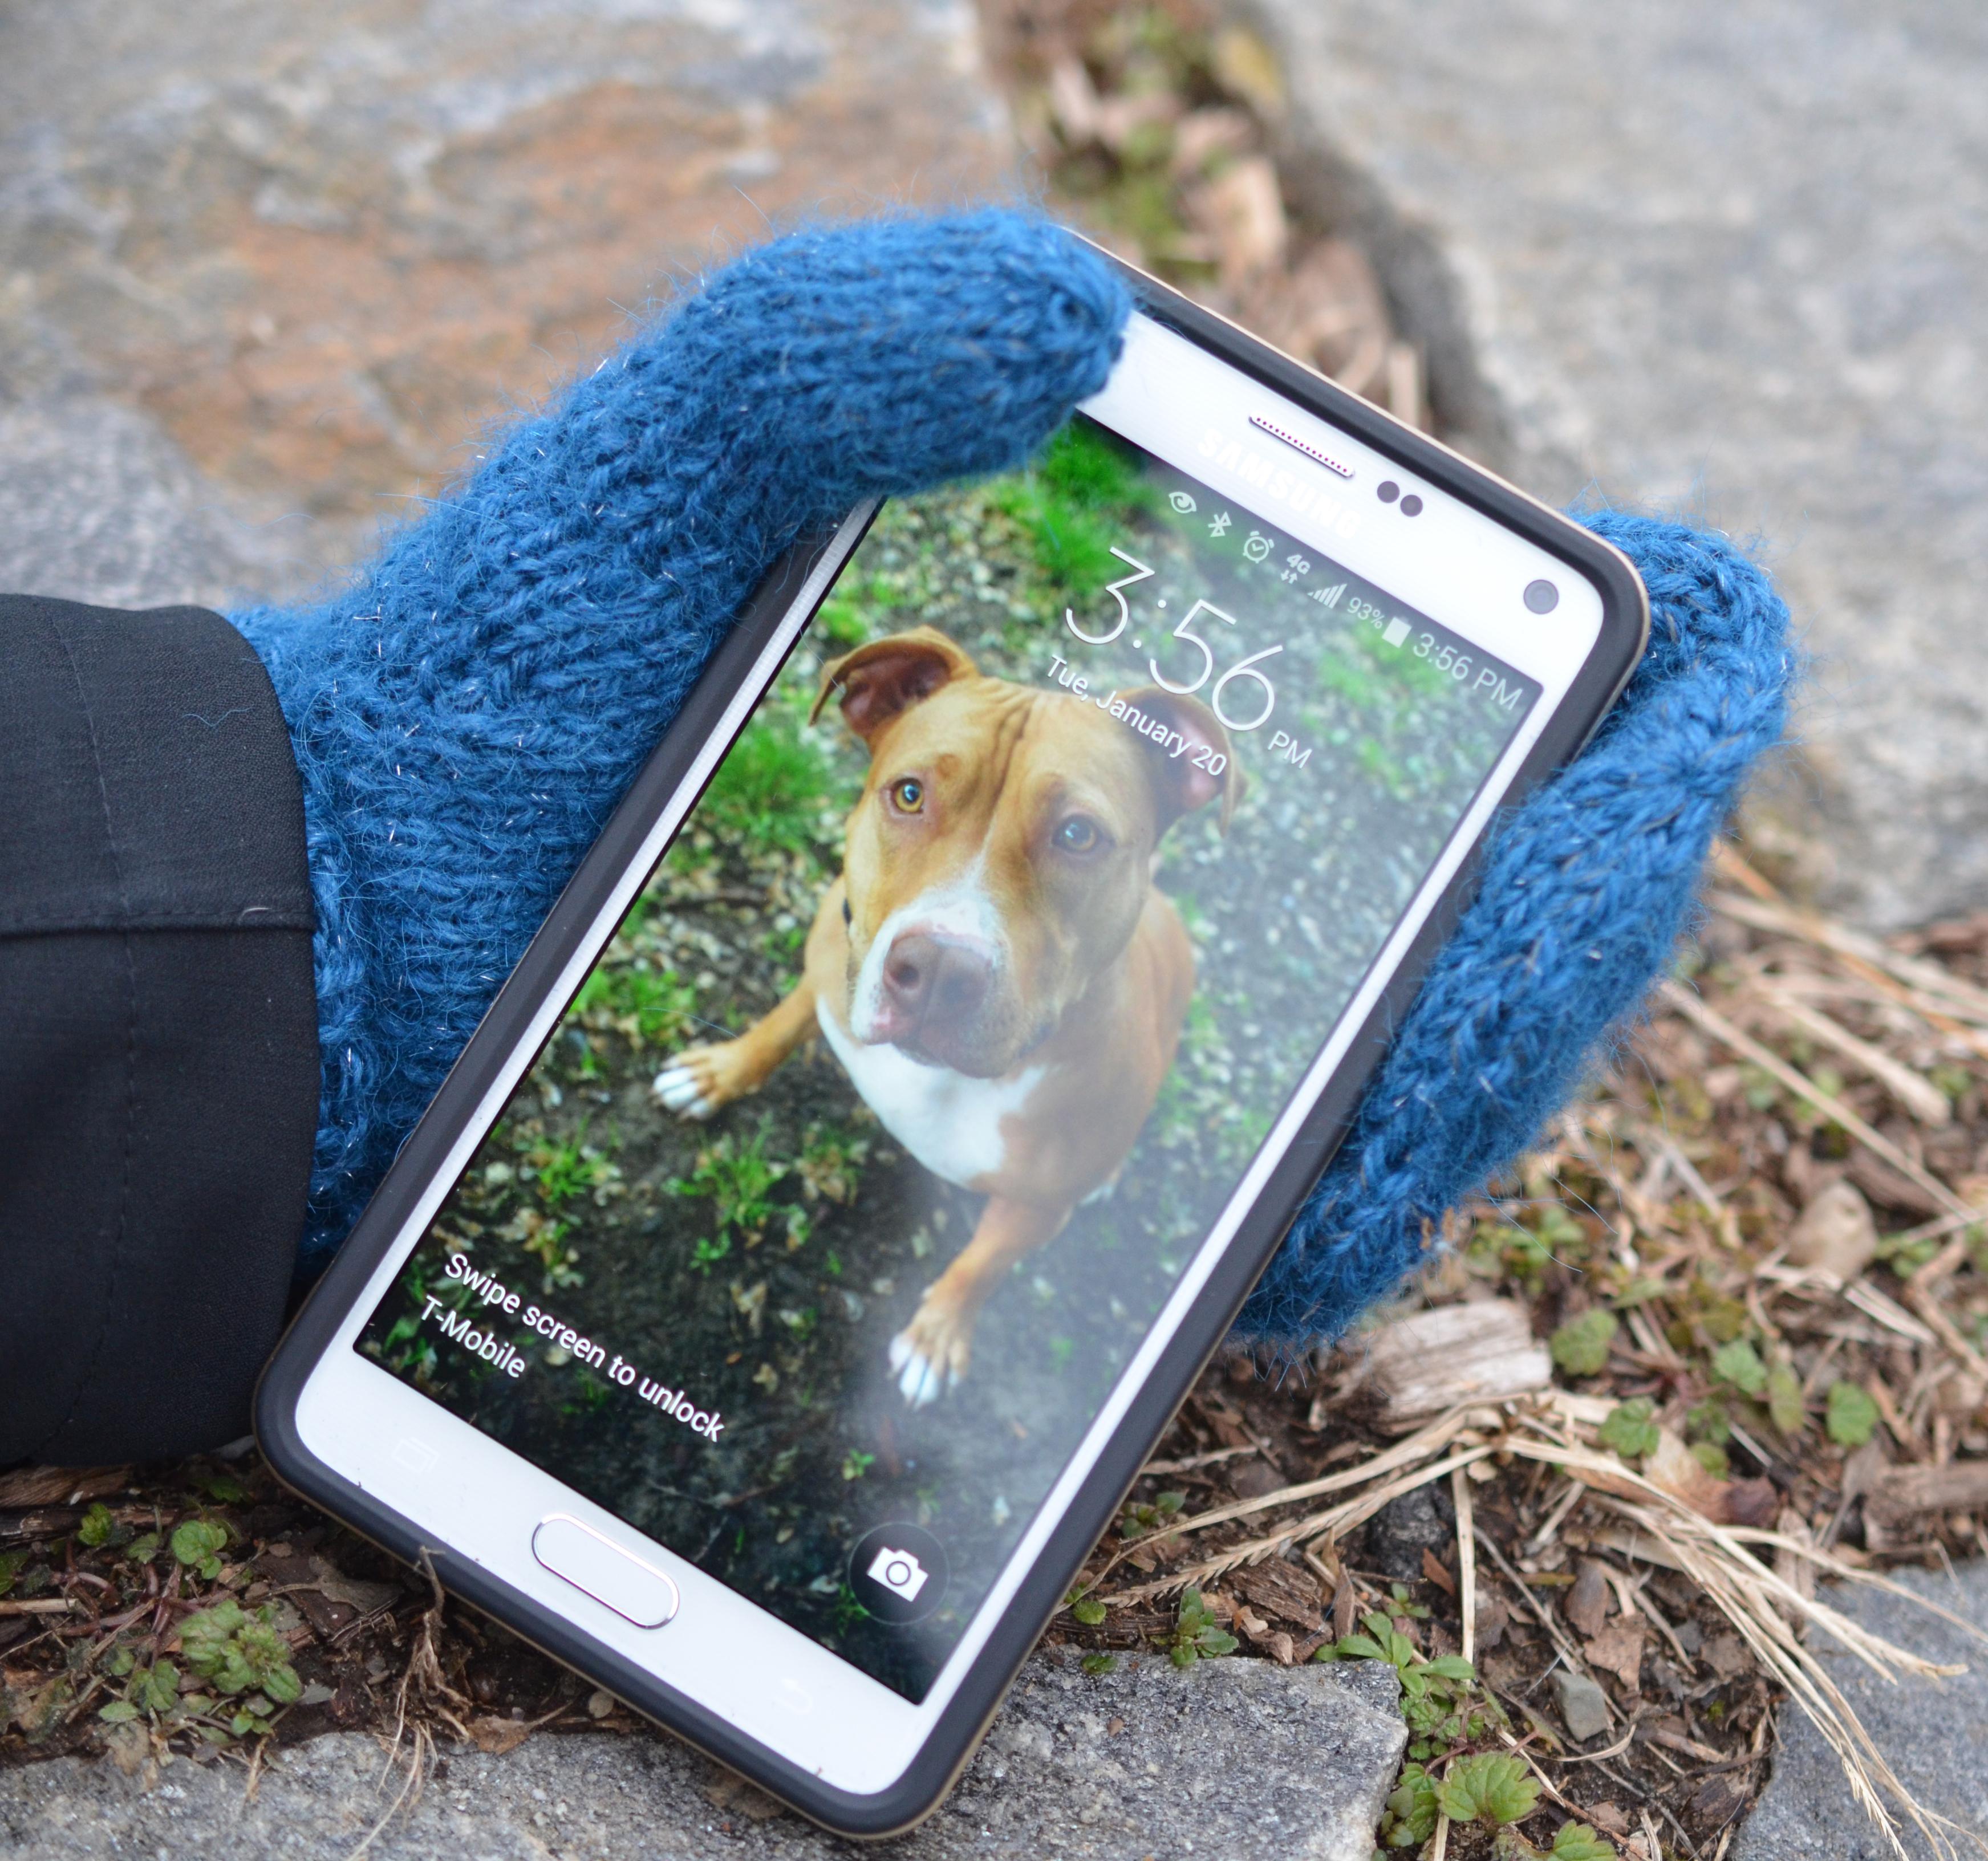 braincrafts_smart-phone-mittens-23.jpg